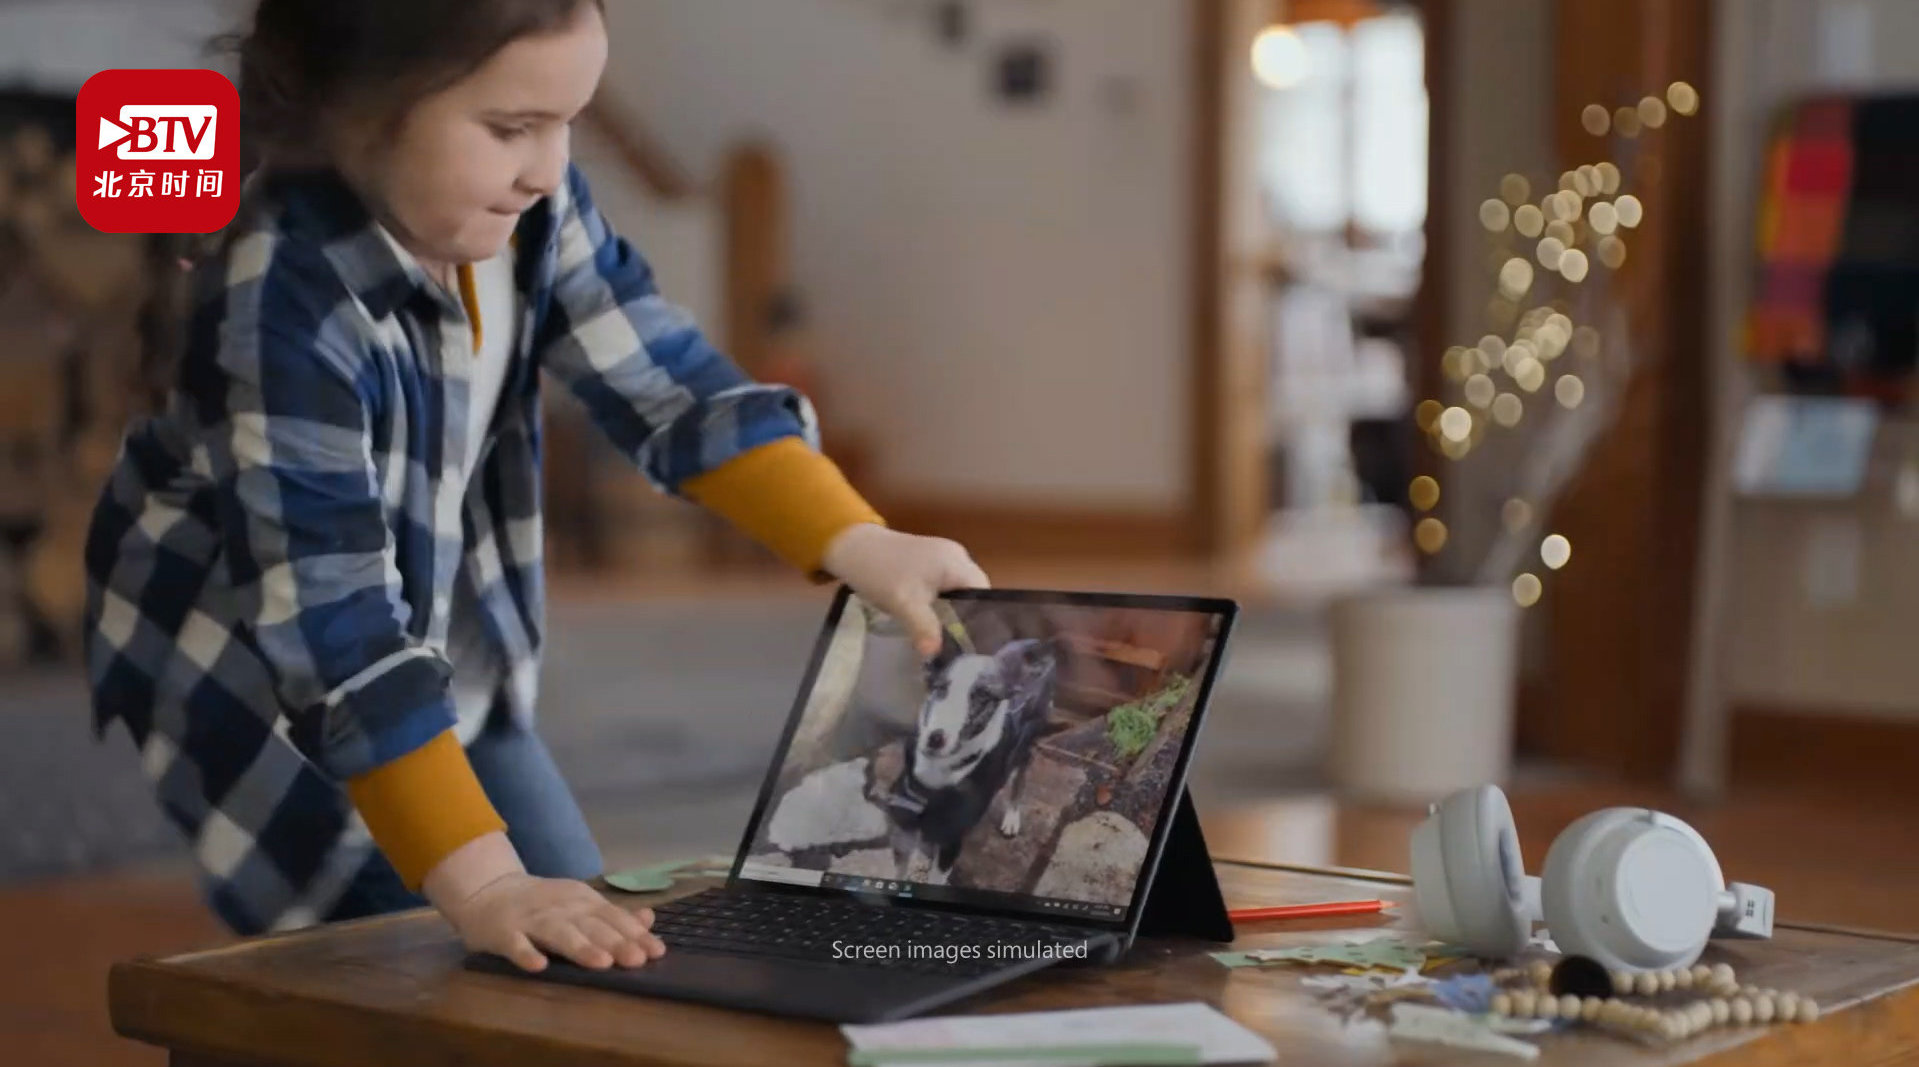 微软变身广告狂人Surface广告投入比iPad高4倍但结果却让人尴尬